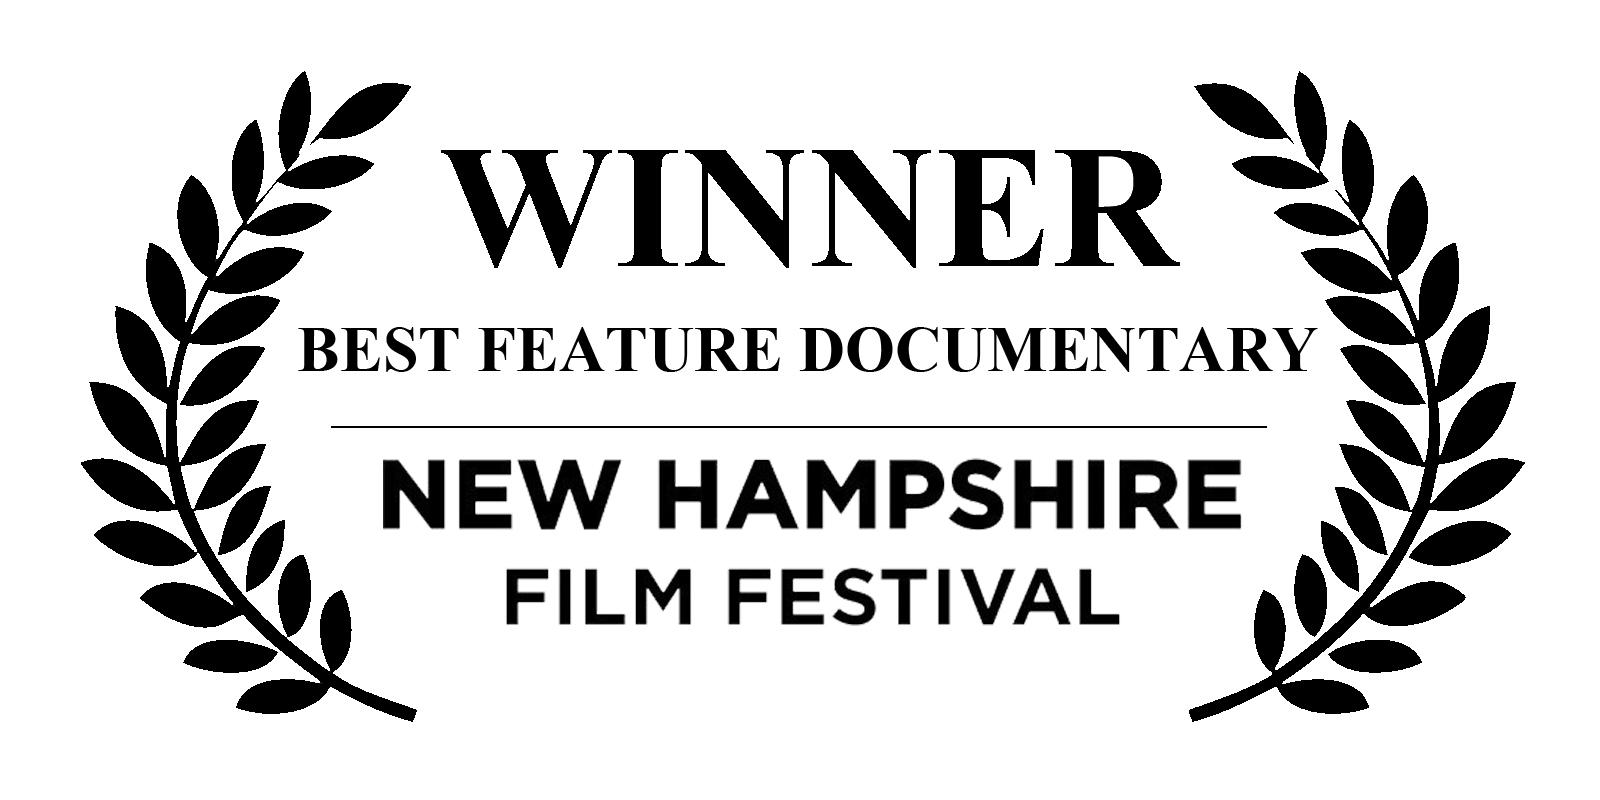 NH-FILM-FESTIVAL-BEST-DOCUMENTARY-AWARD.jpg